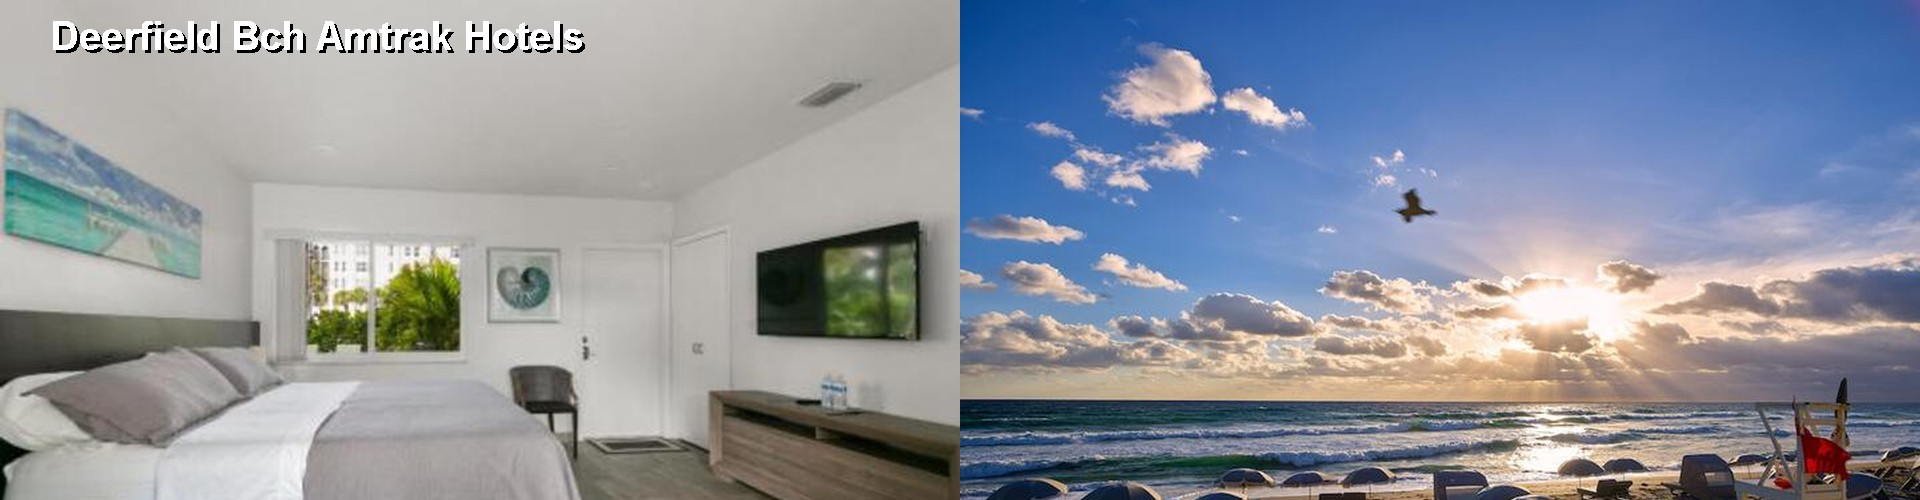 $51+ CLOSEST Hotels Near Deerfield Bch Amtrak in Deerfield Beach FL